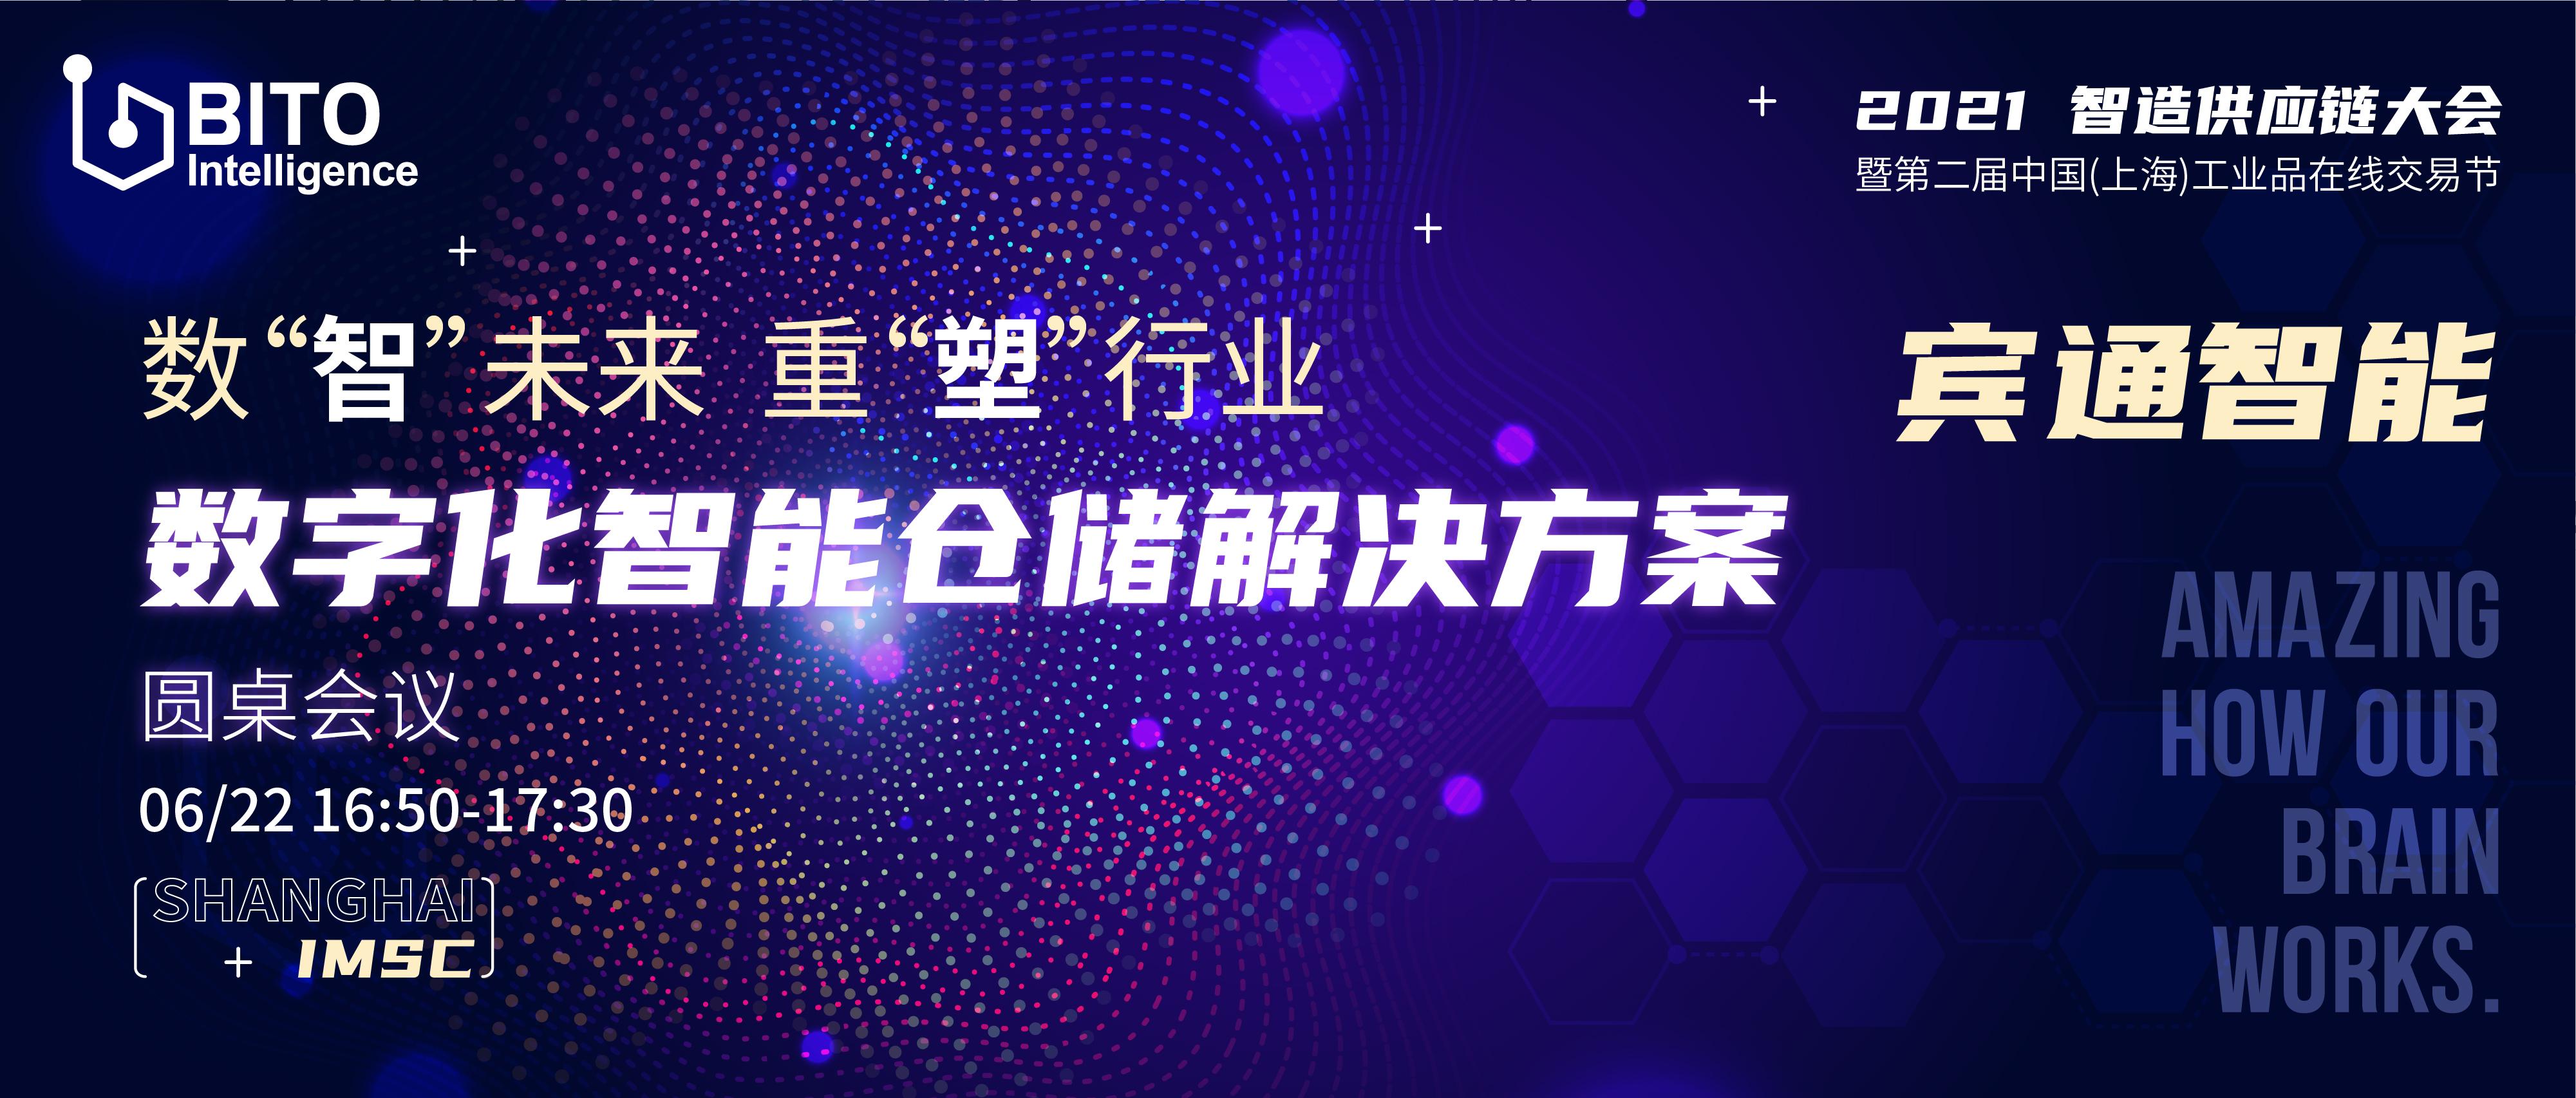 宾通智能受邀参加IMSC 2021智造供应链大会